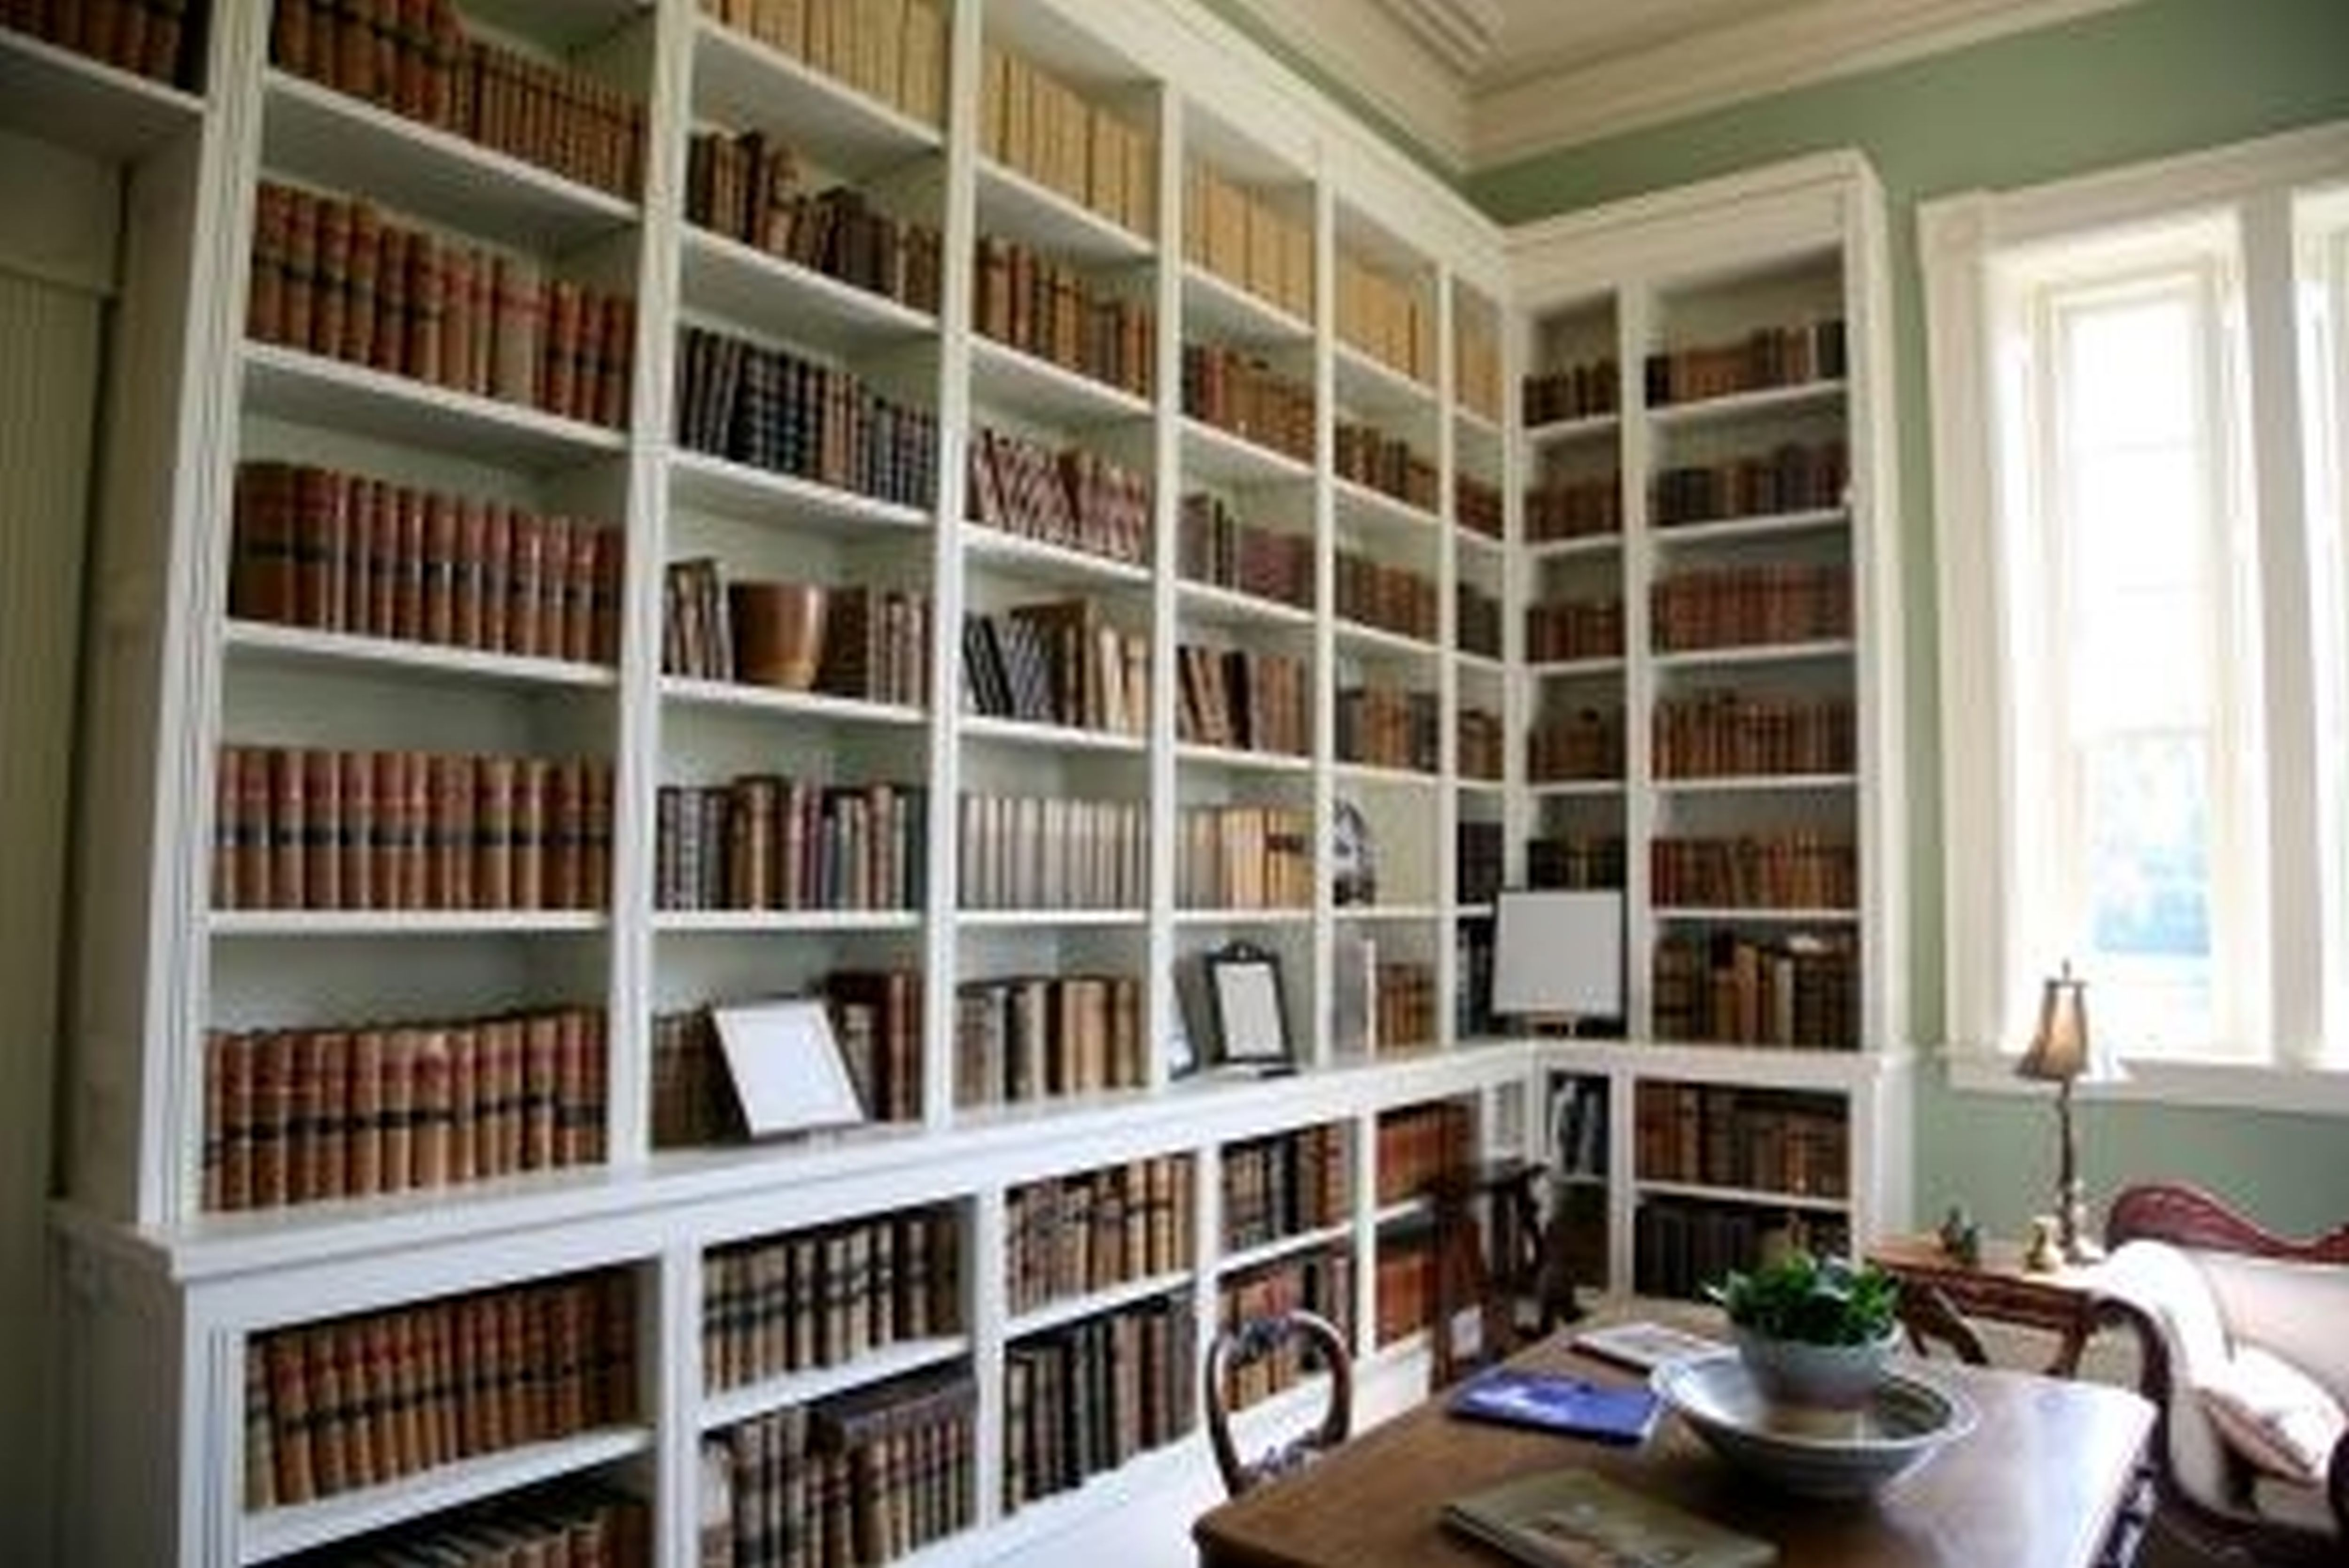 Modern Built In Bookshelves Built In Bookshelves Bespoke Bookcases For Bespoke Bookcases (#14 of 15)